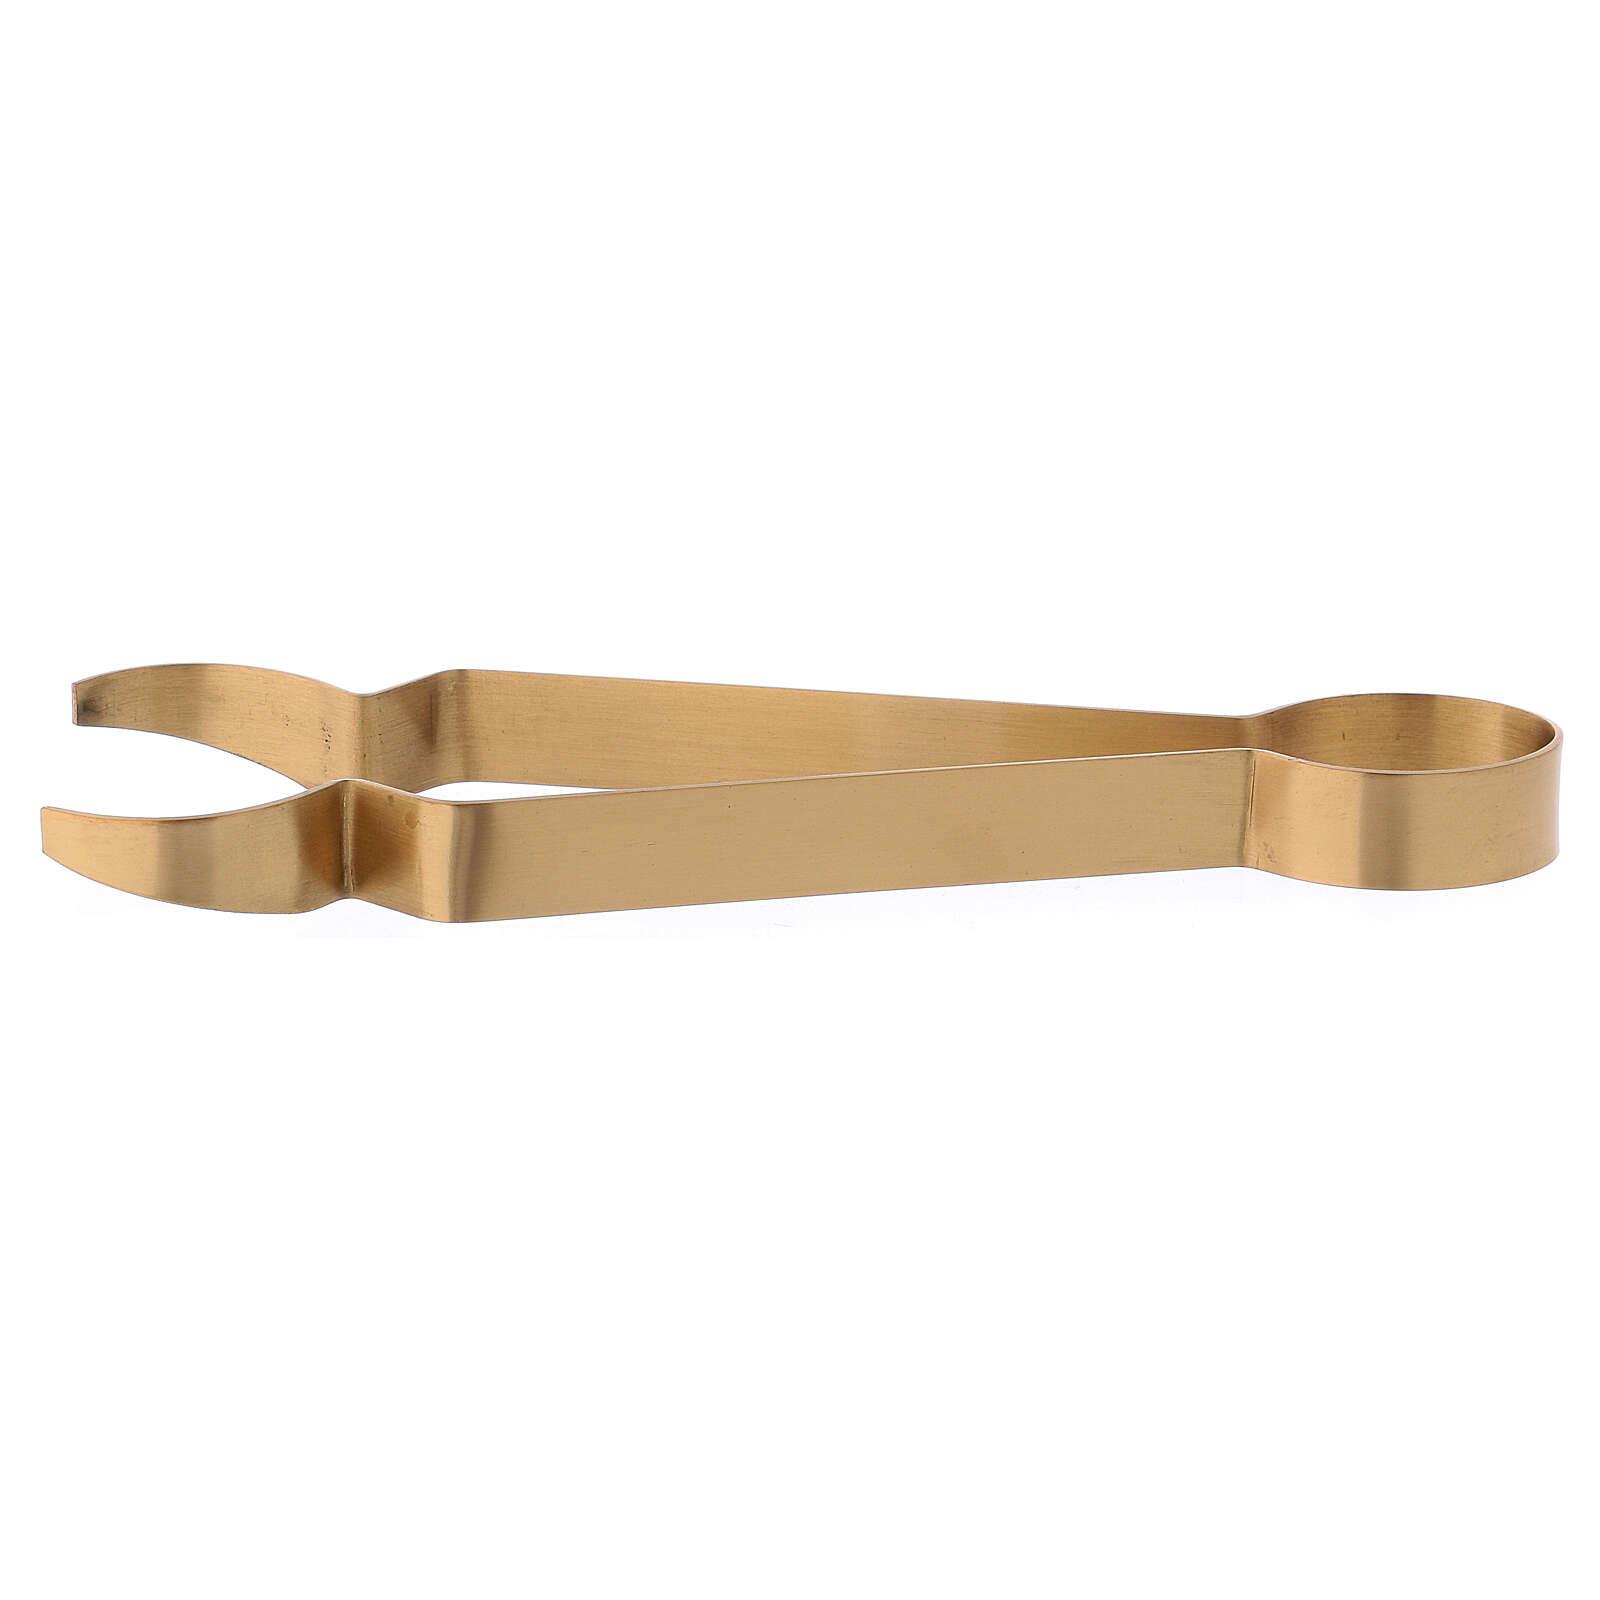 Pinzas para carboncillos latón dorado opaco 18 cm 3